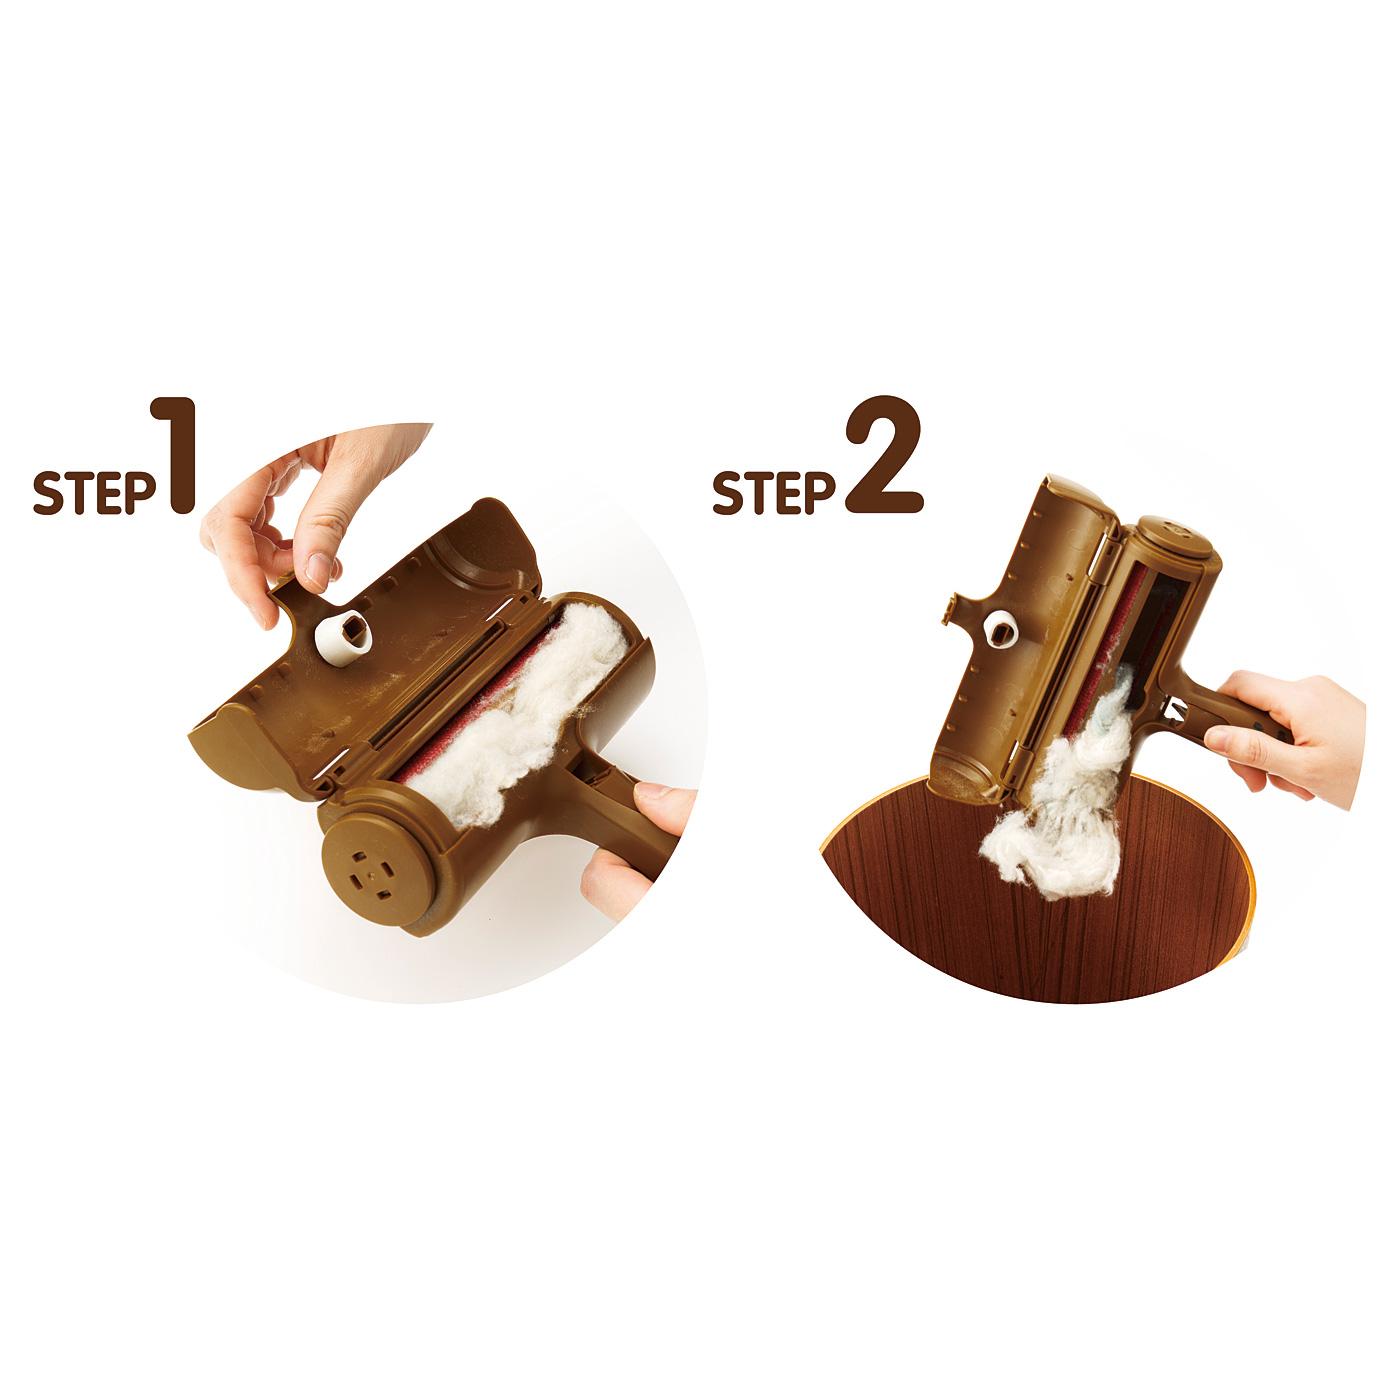 ゴミ捨て2STEP ワンタッチで開くから片手で簡単ゴミ捨て。